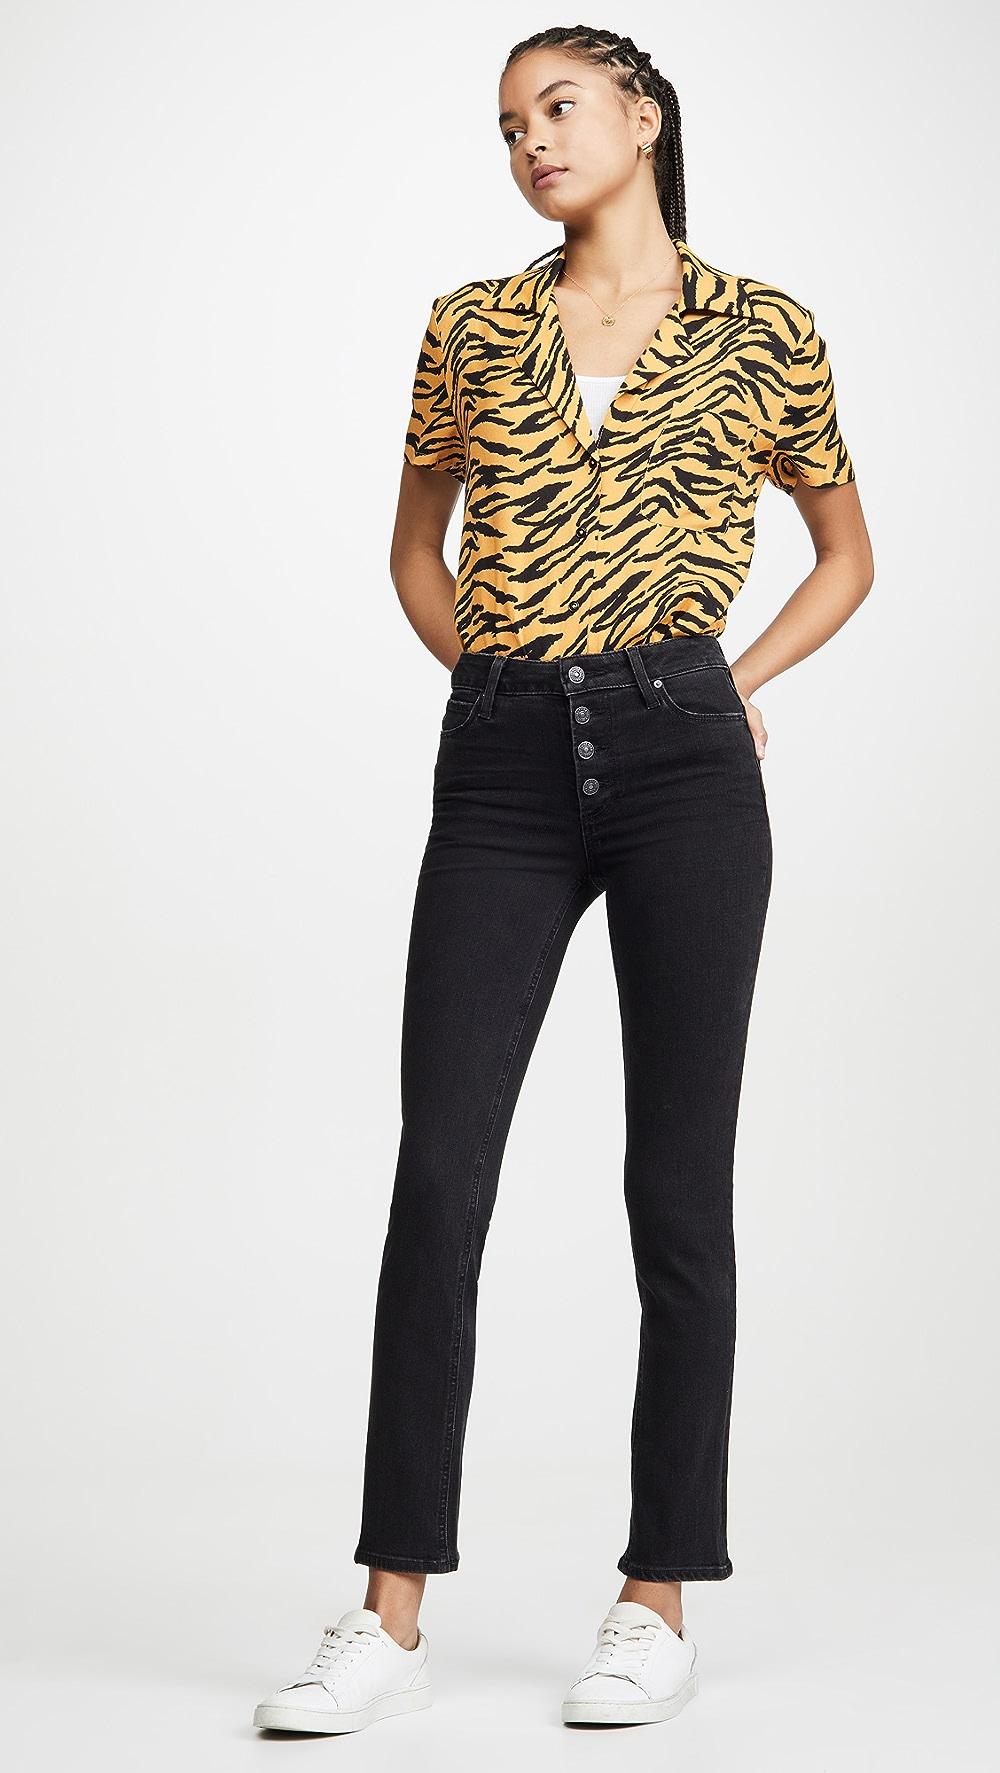 Amicable Paige - Hoxton Slim Jeans Professional Design